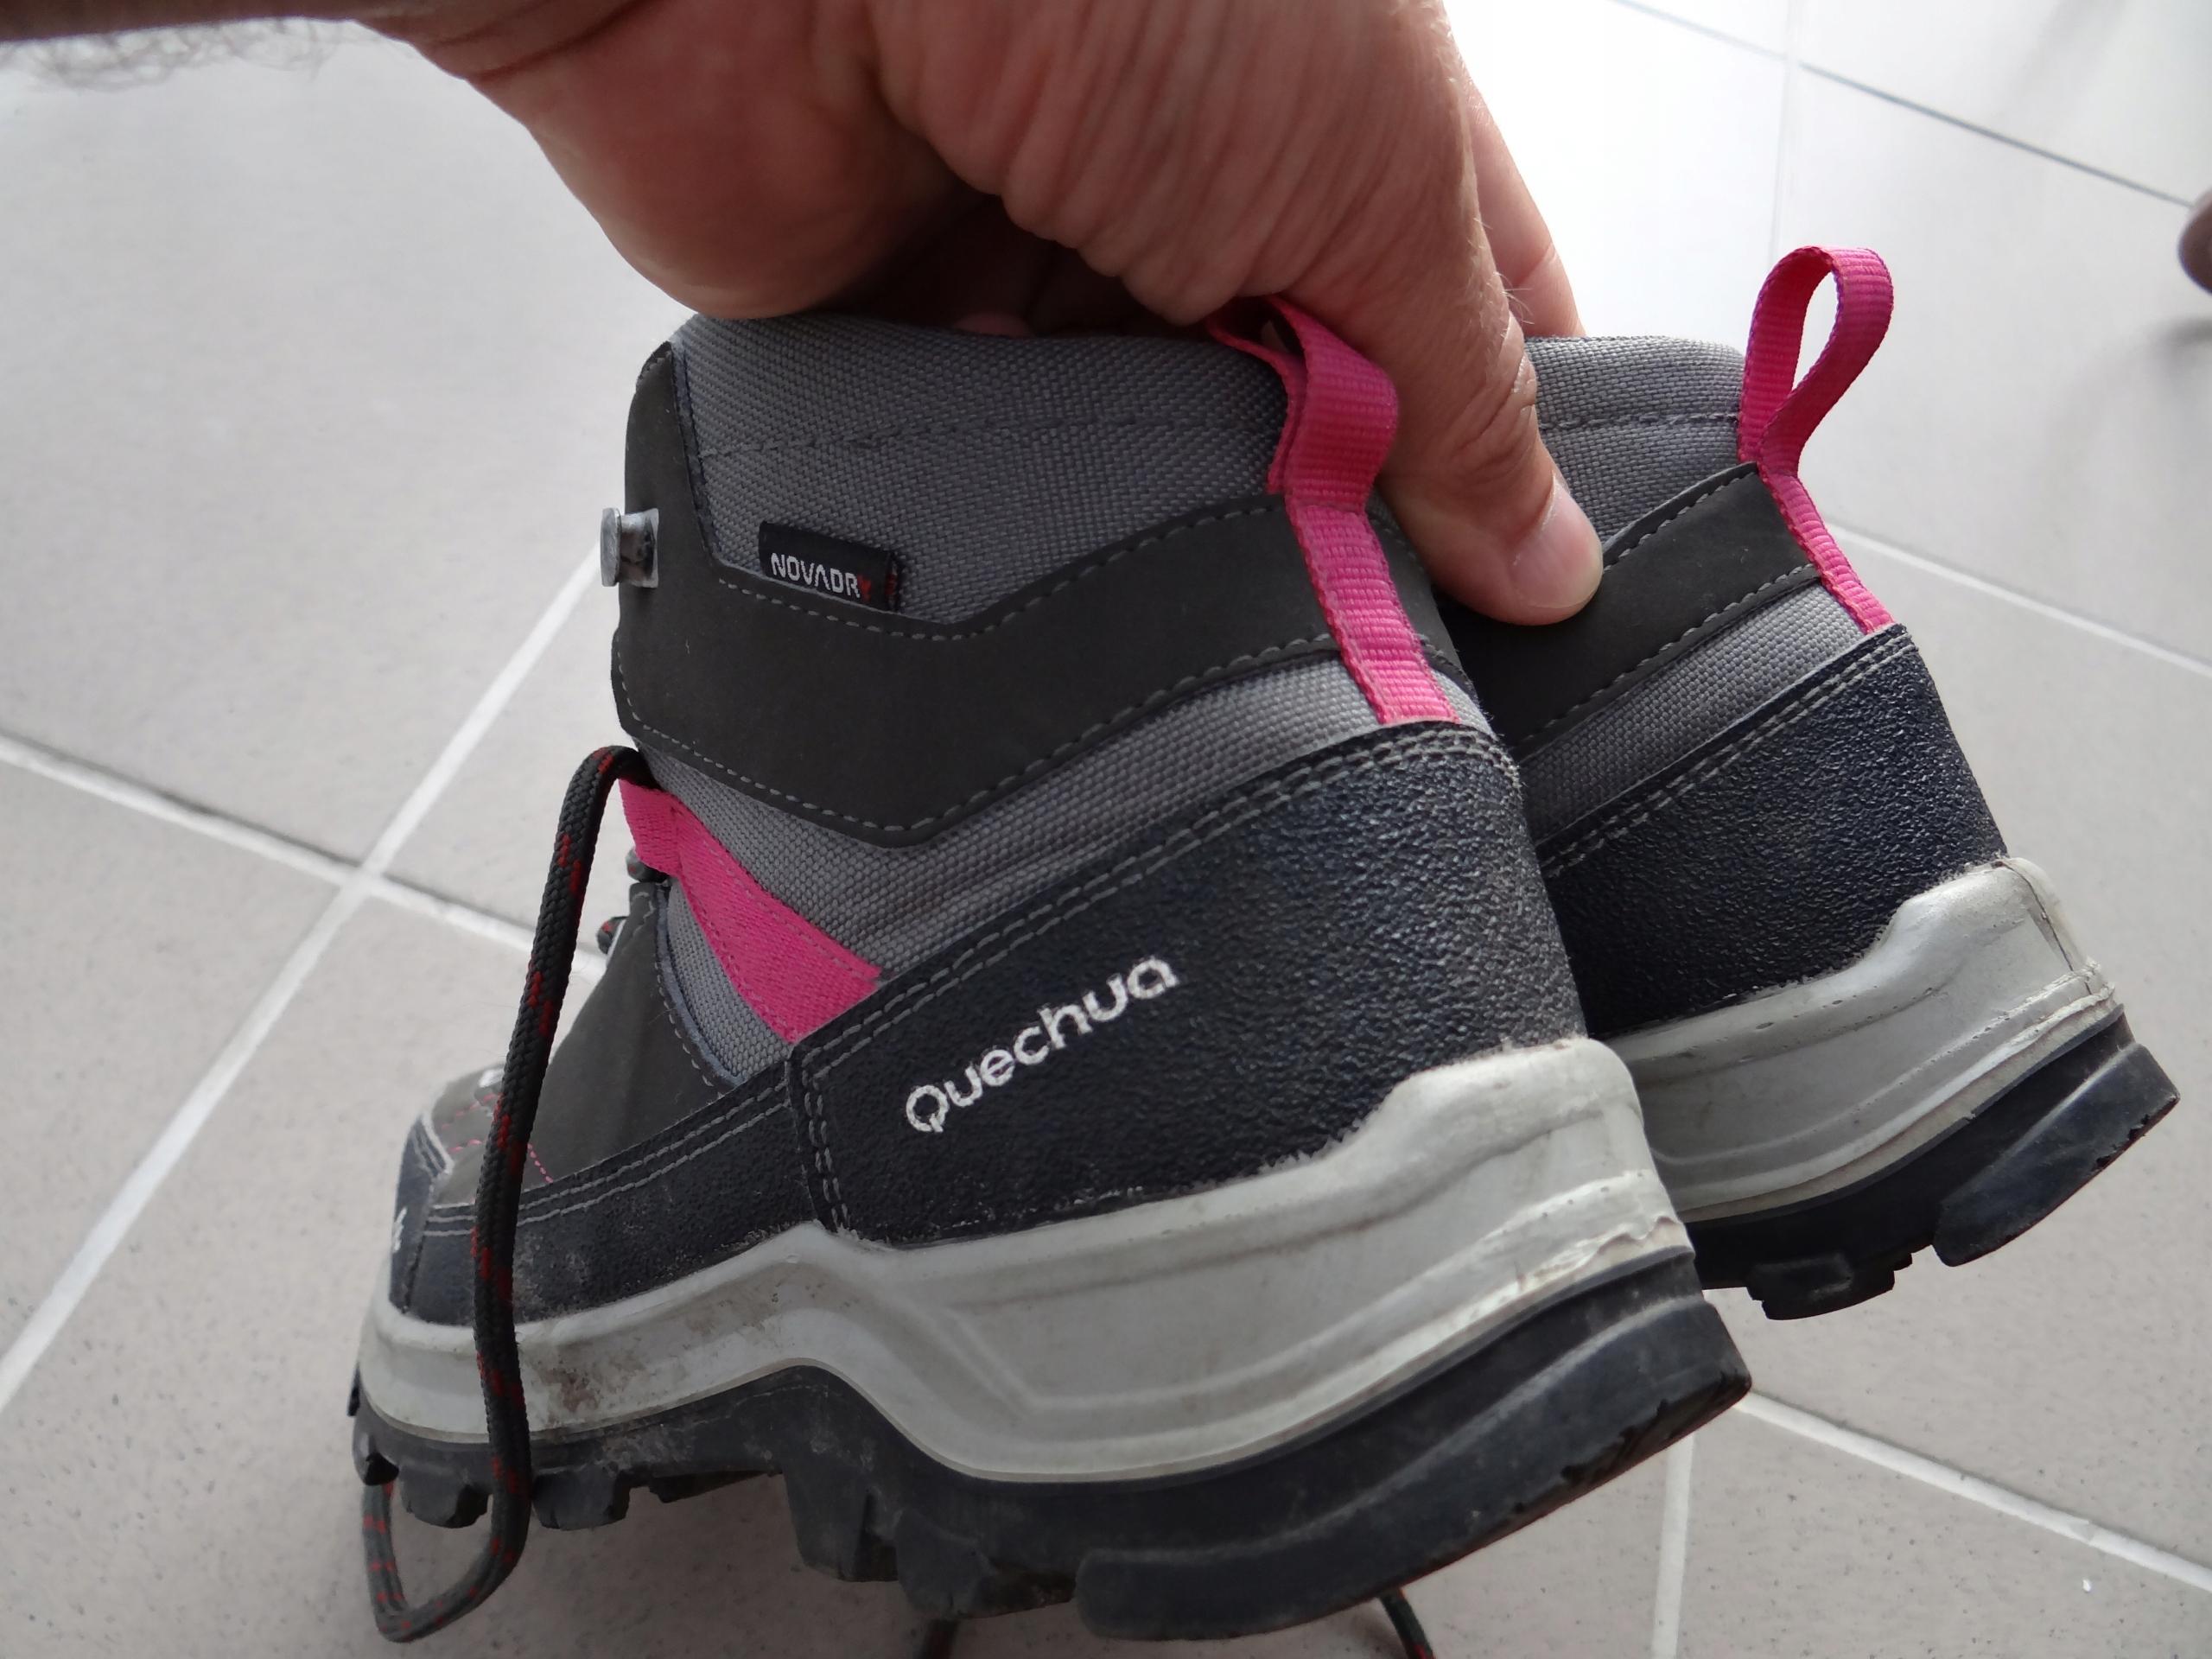 d0f6e0e36b3bf0 Buty Turystyczne MH500 MID WTP dla dzieci QUECHUA - 7721027887 ...